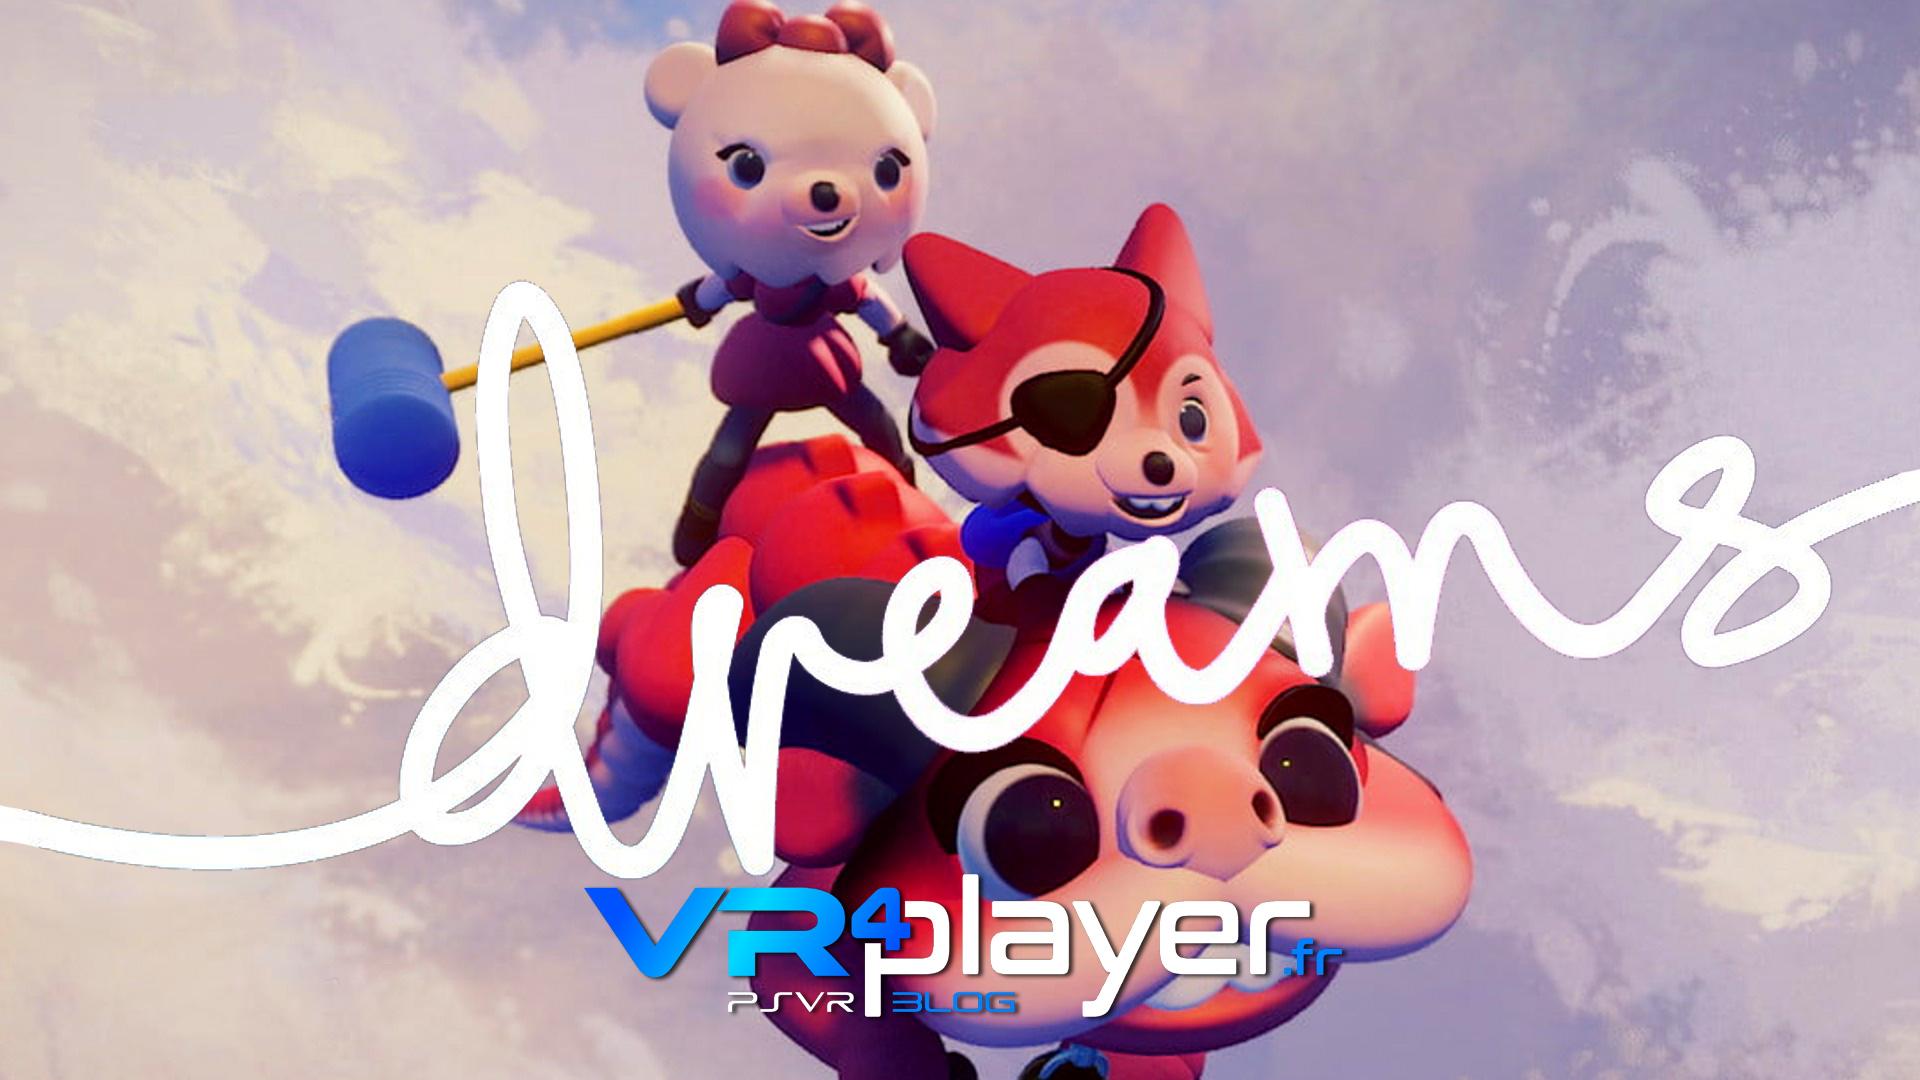 Dreams, des infos en pagaille sur PSVR vr4player.fr